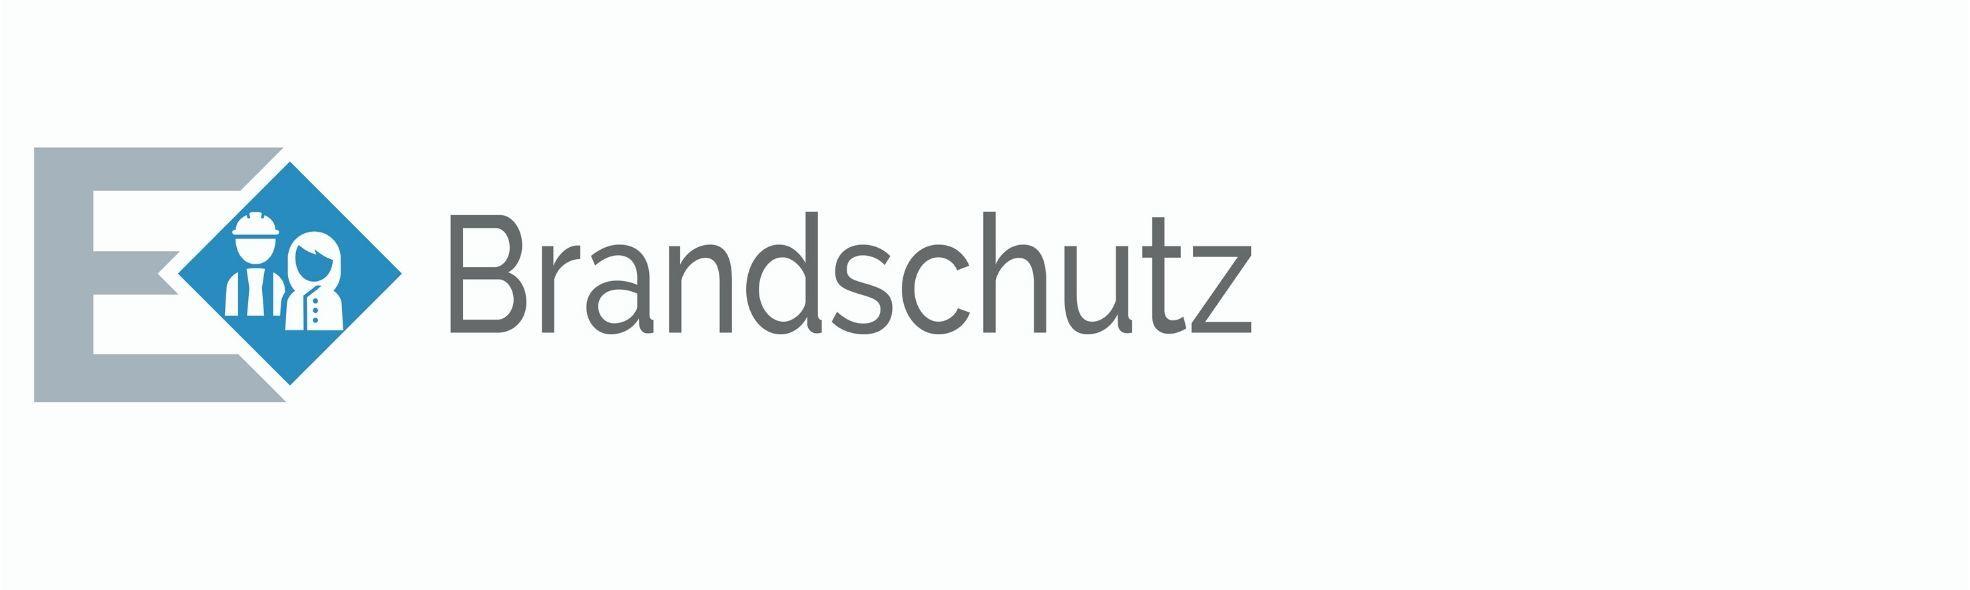 brandschutz-aus-heinsberg-ueber-die-euregio-im-gesamten-bundesgebiet